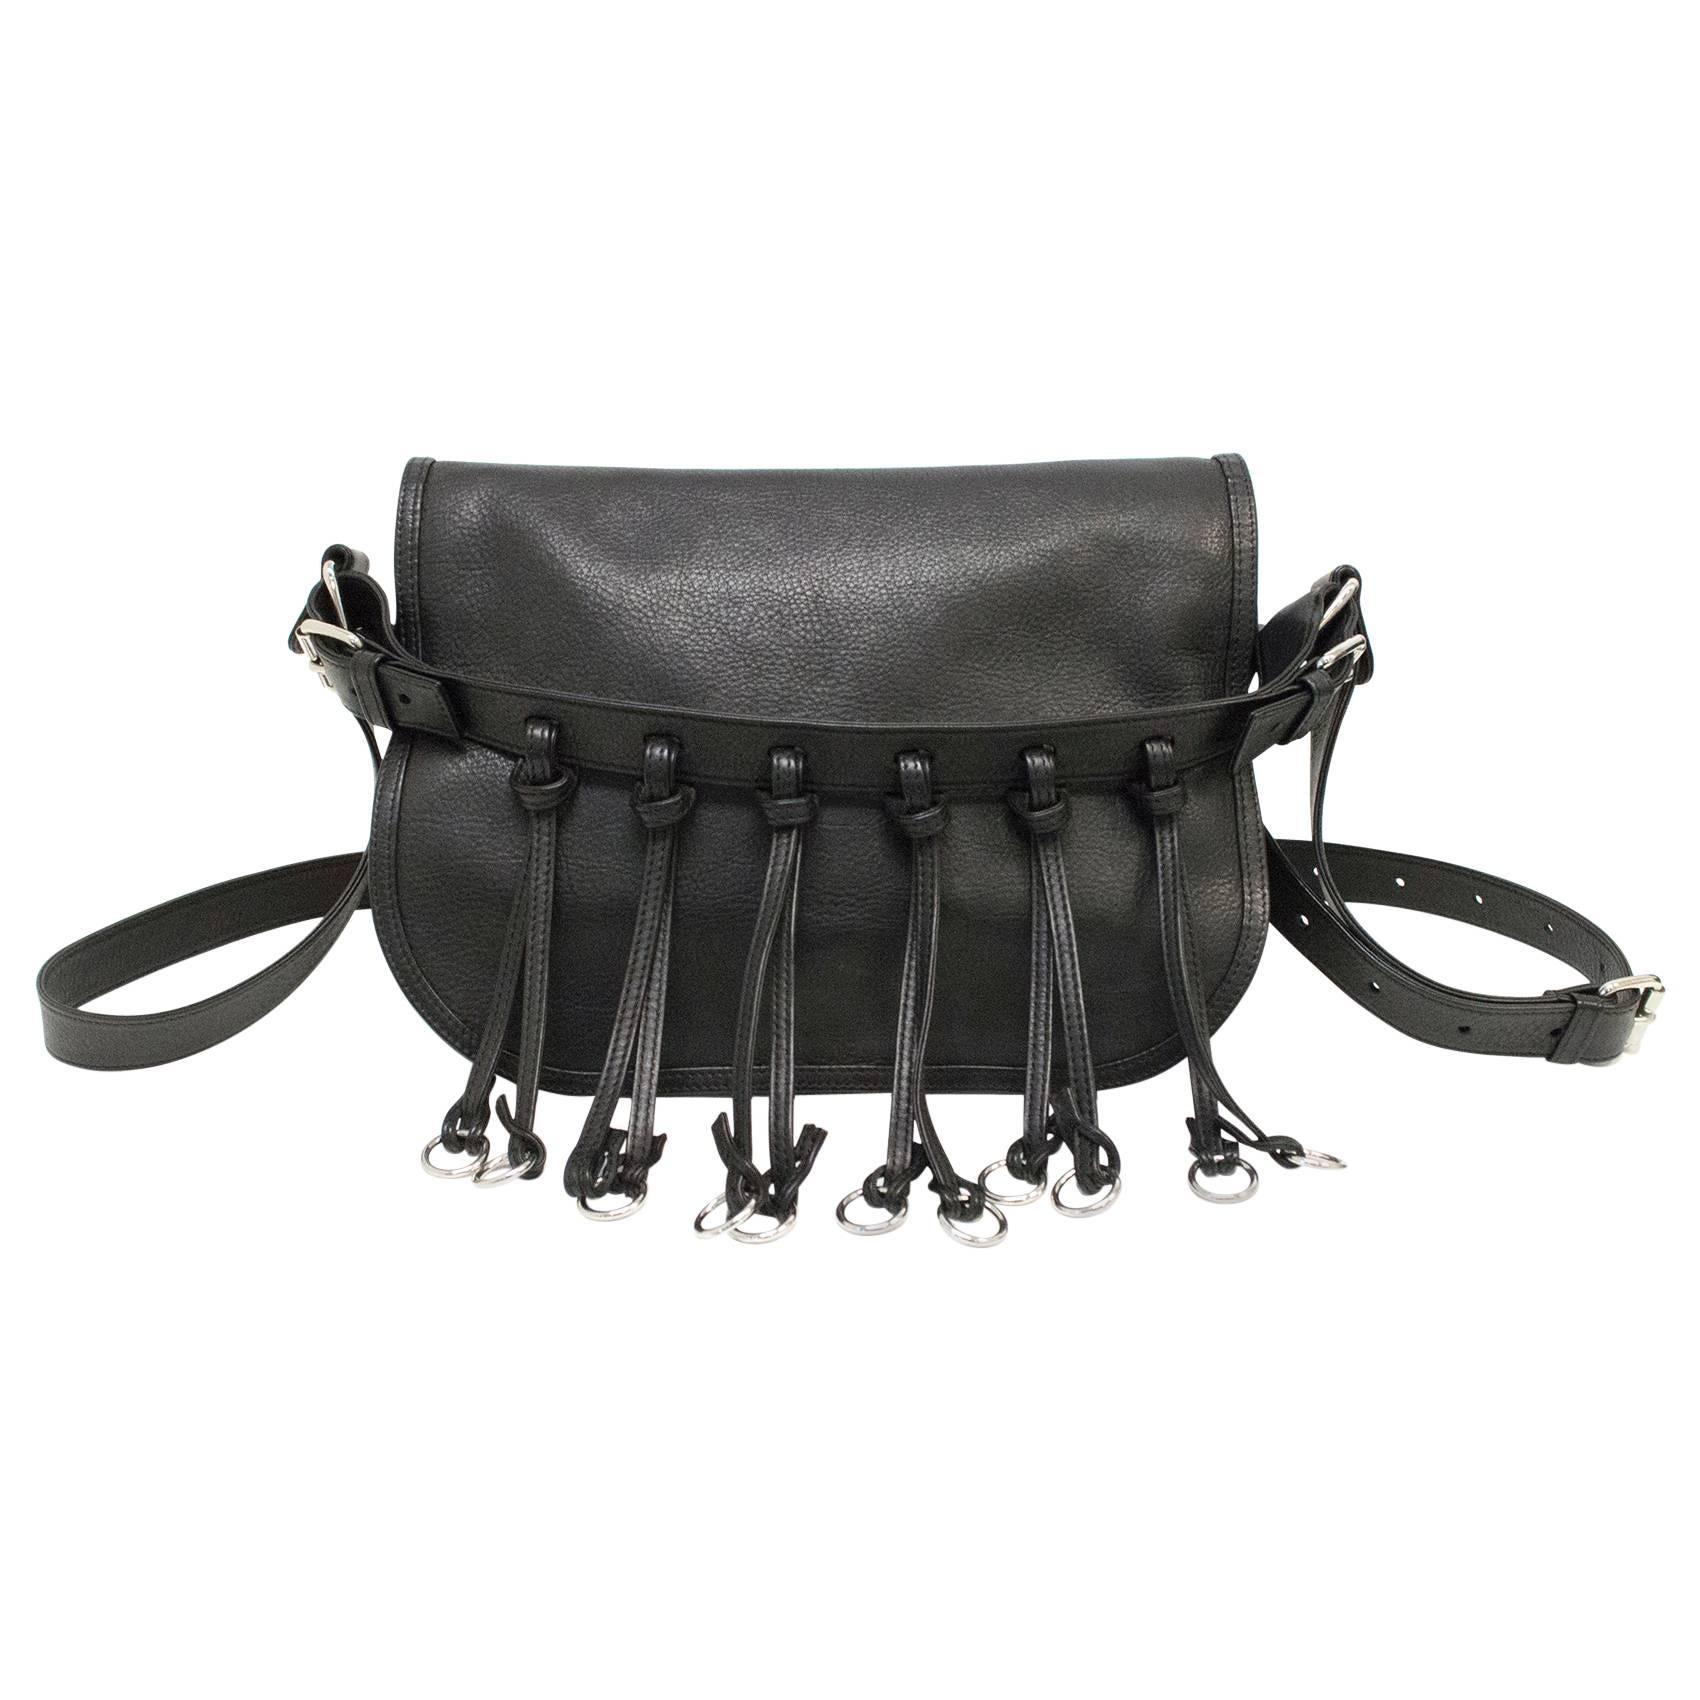 dbbbb3bc2a51 achetez Chanel Black Quilted Leather Ultimate Stitch Flap Bag chez labellov  pour le meilleur prix